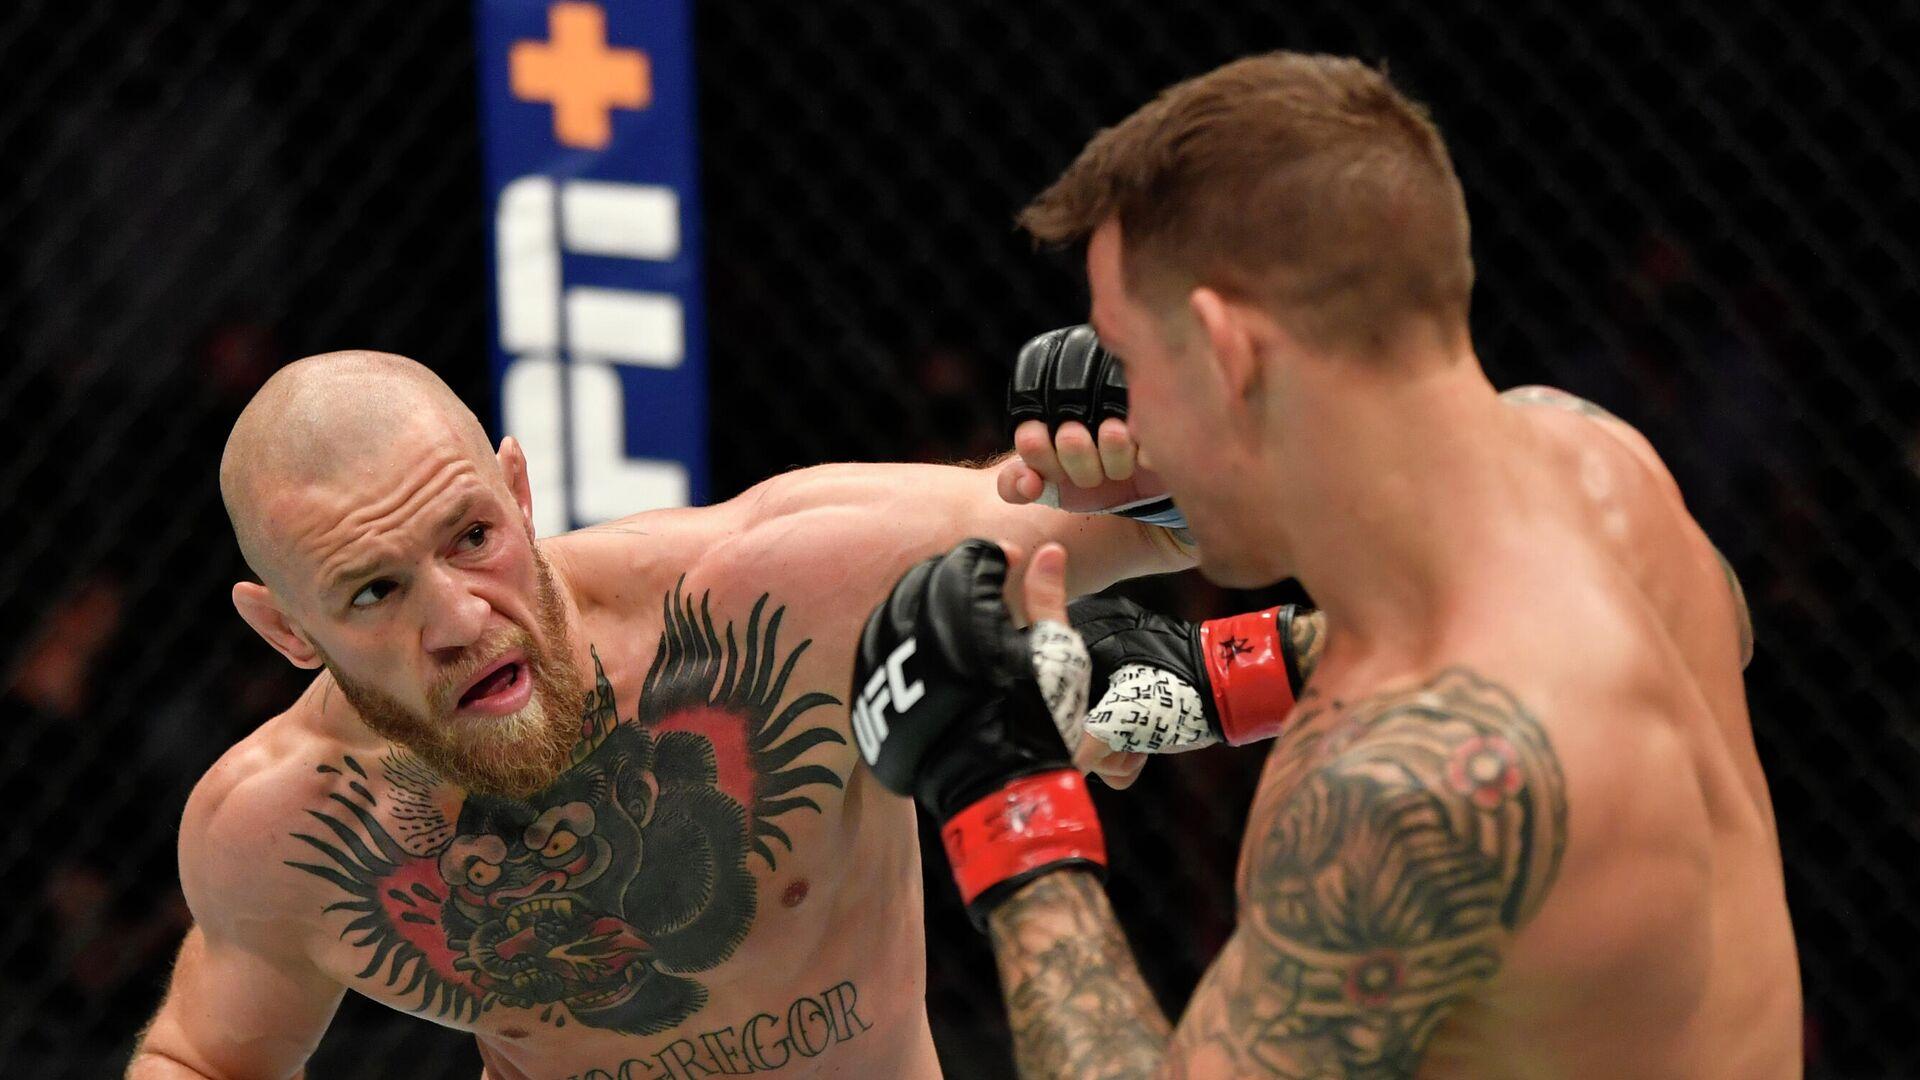 Конор Макгрегор против Дастина Порье на турнире UFC 257 - РИА Новости, 1920, 26.01.2021